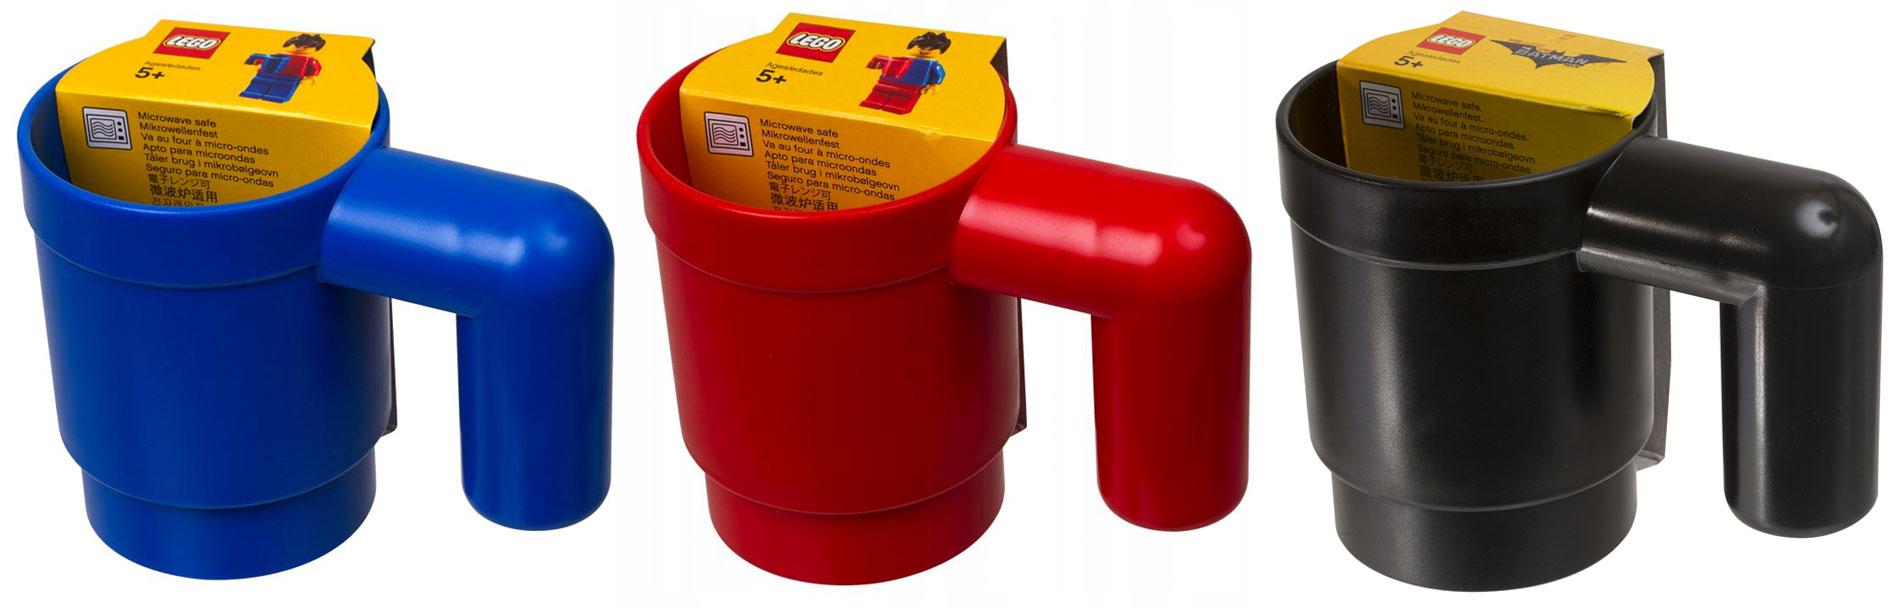 lego-mugs